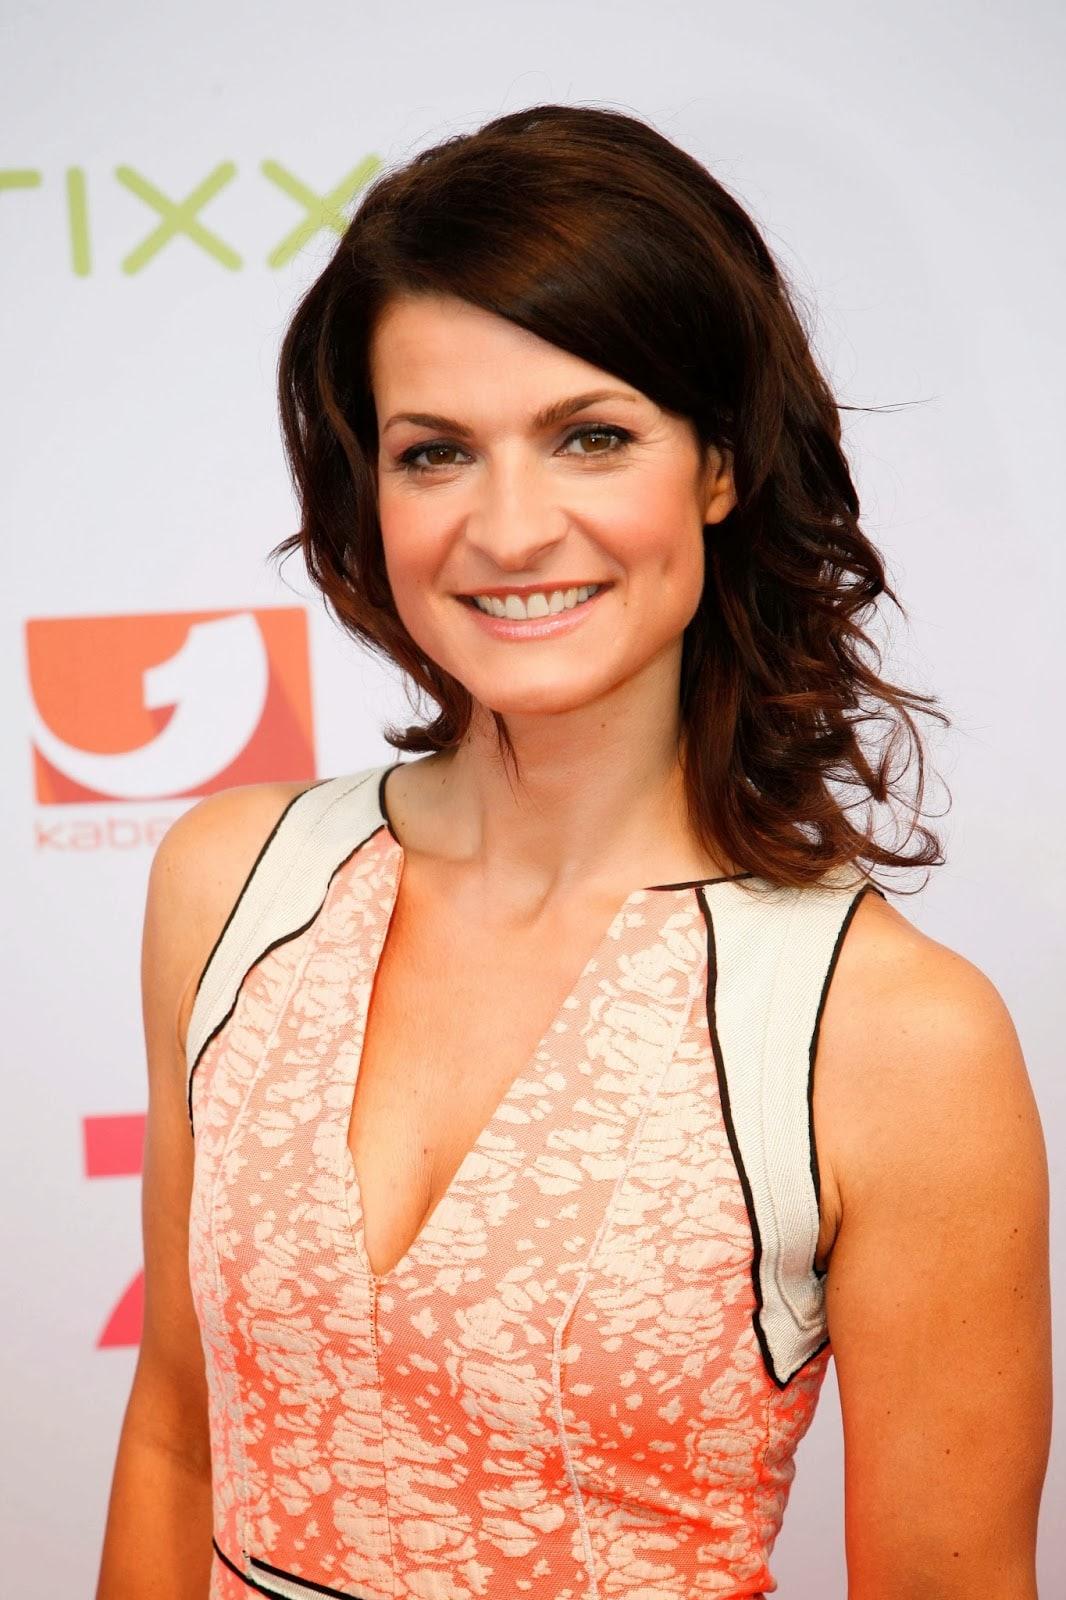 Picture of Marlene Lufen